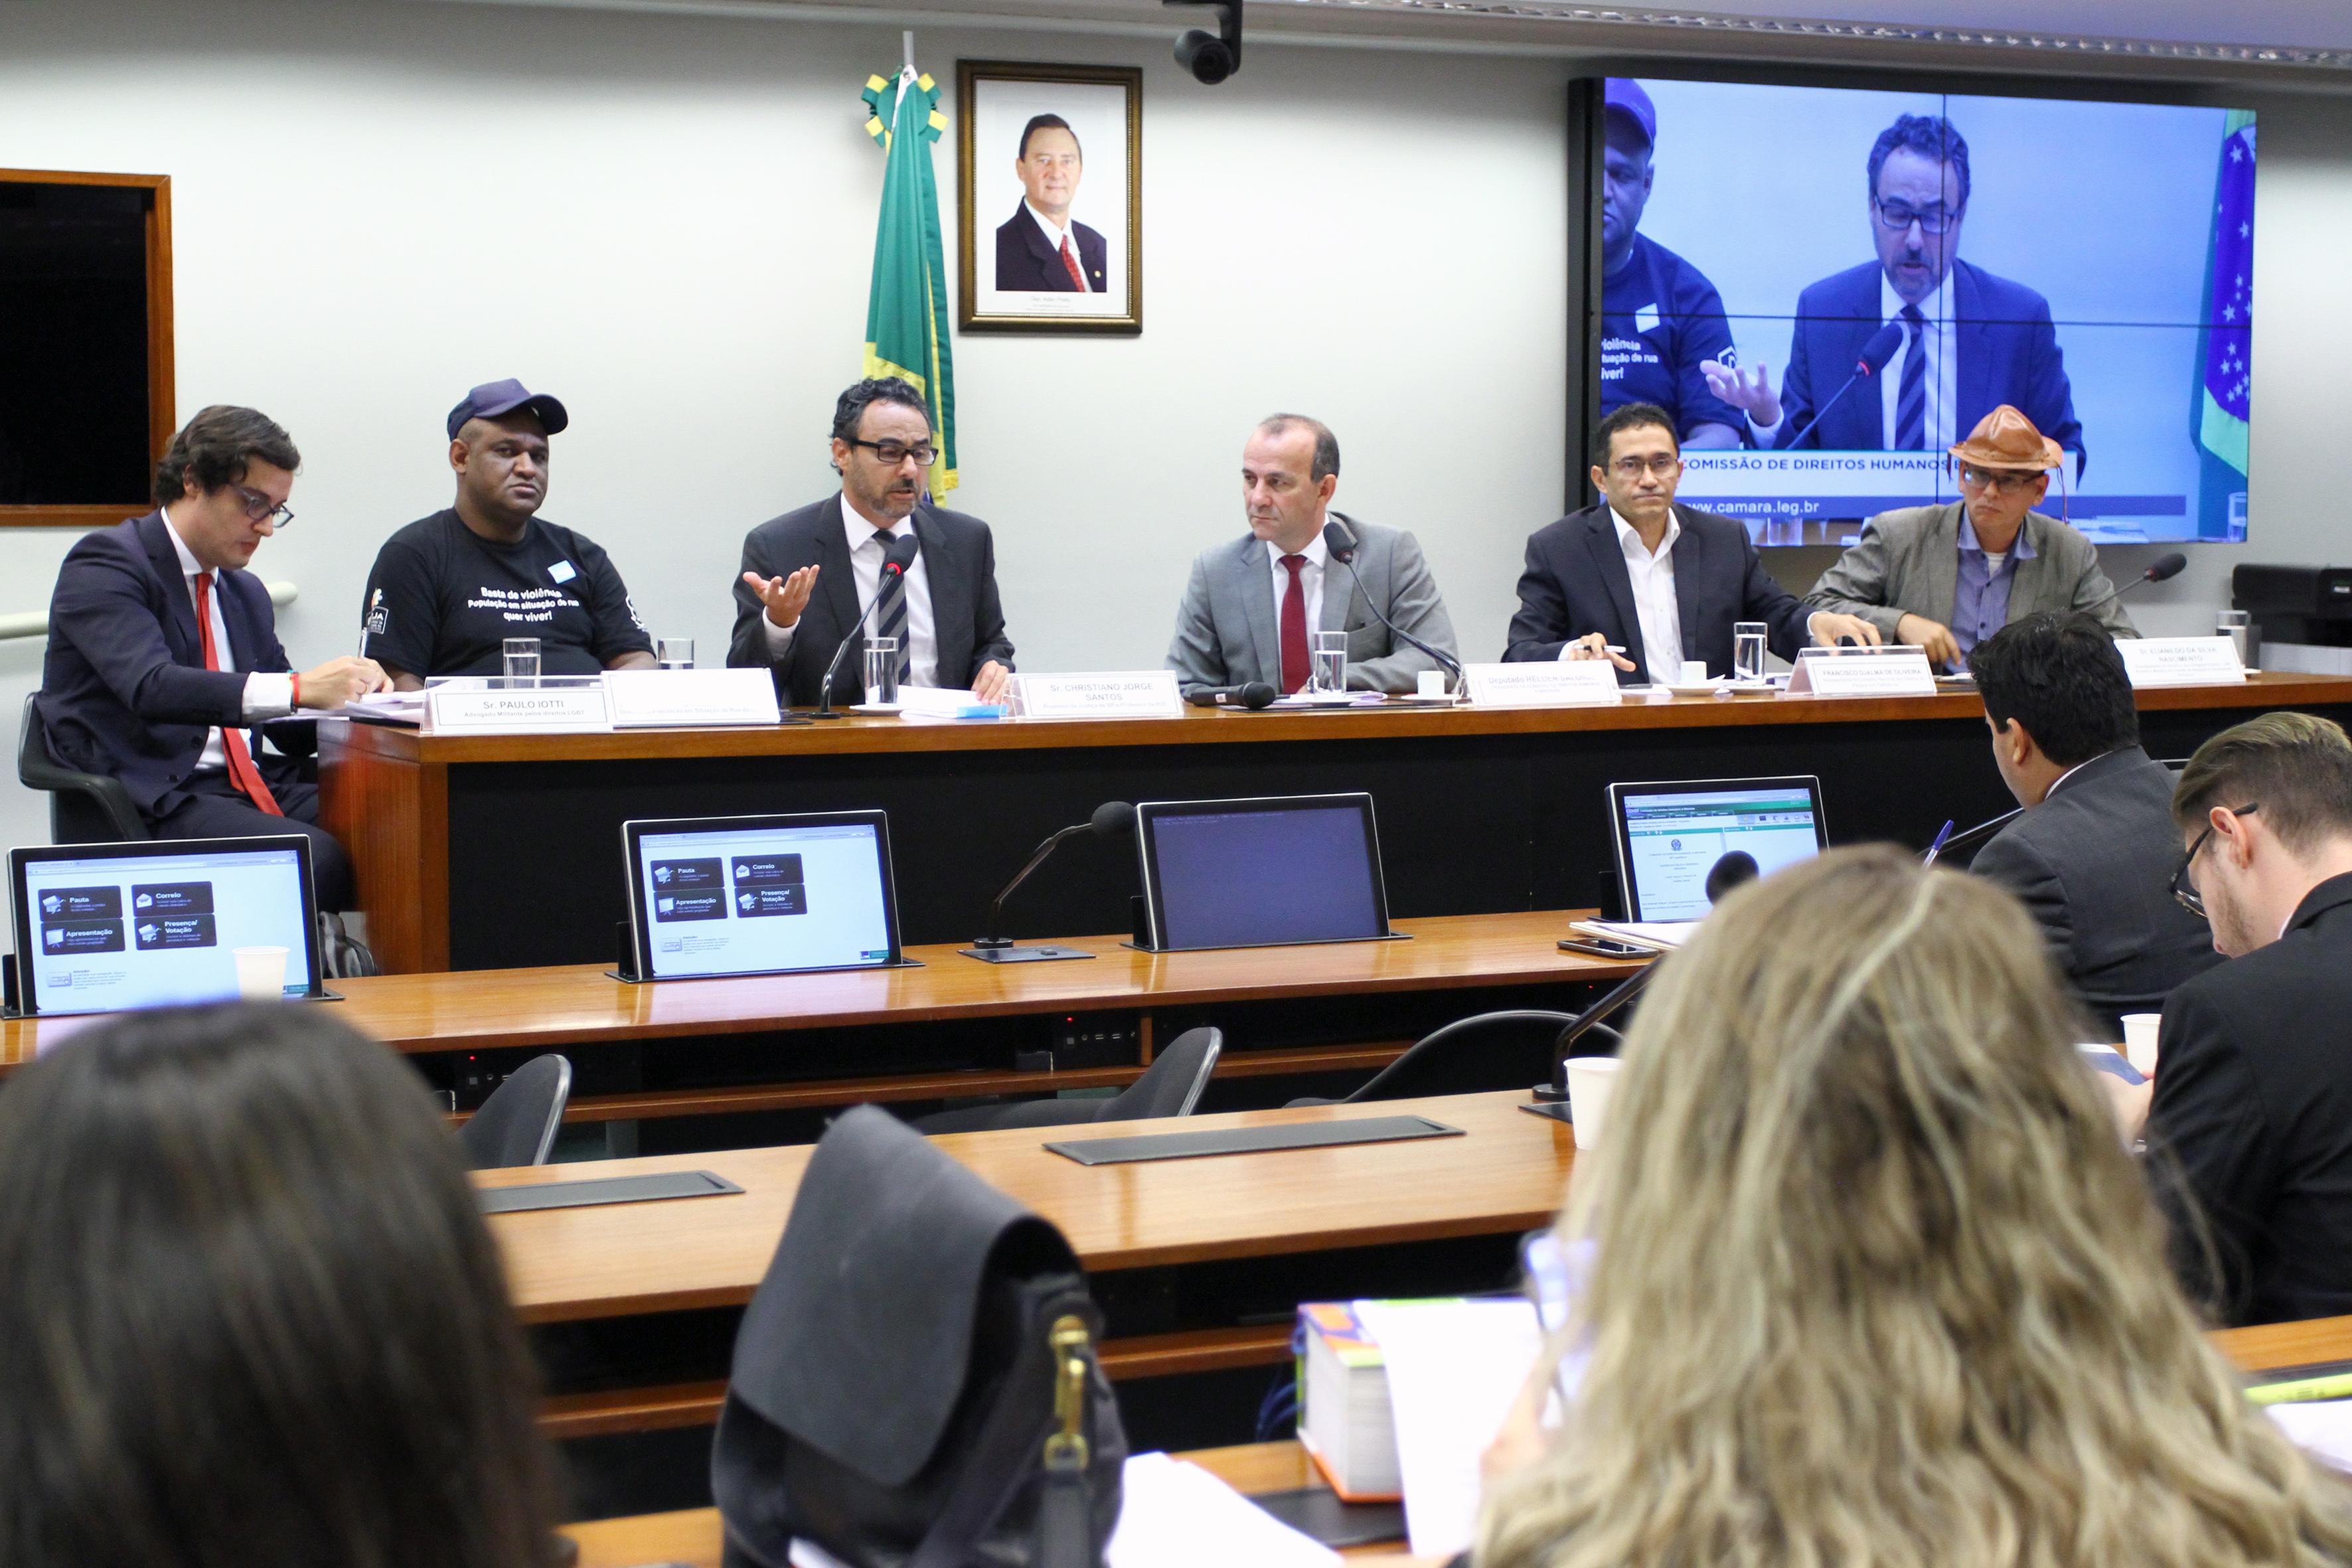 Audiência pública sobre os crimes de ódio e intolerância - PL nº 7582/14